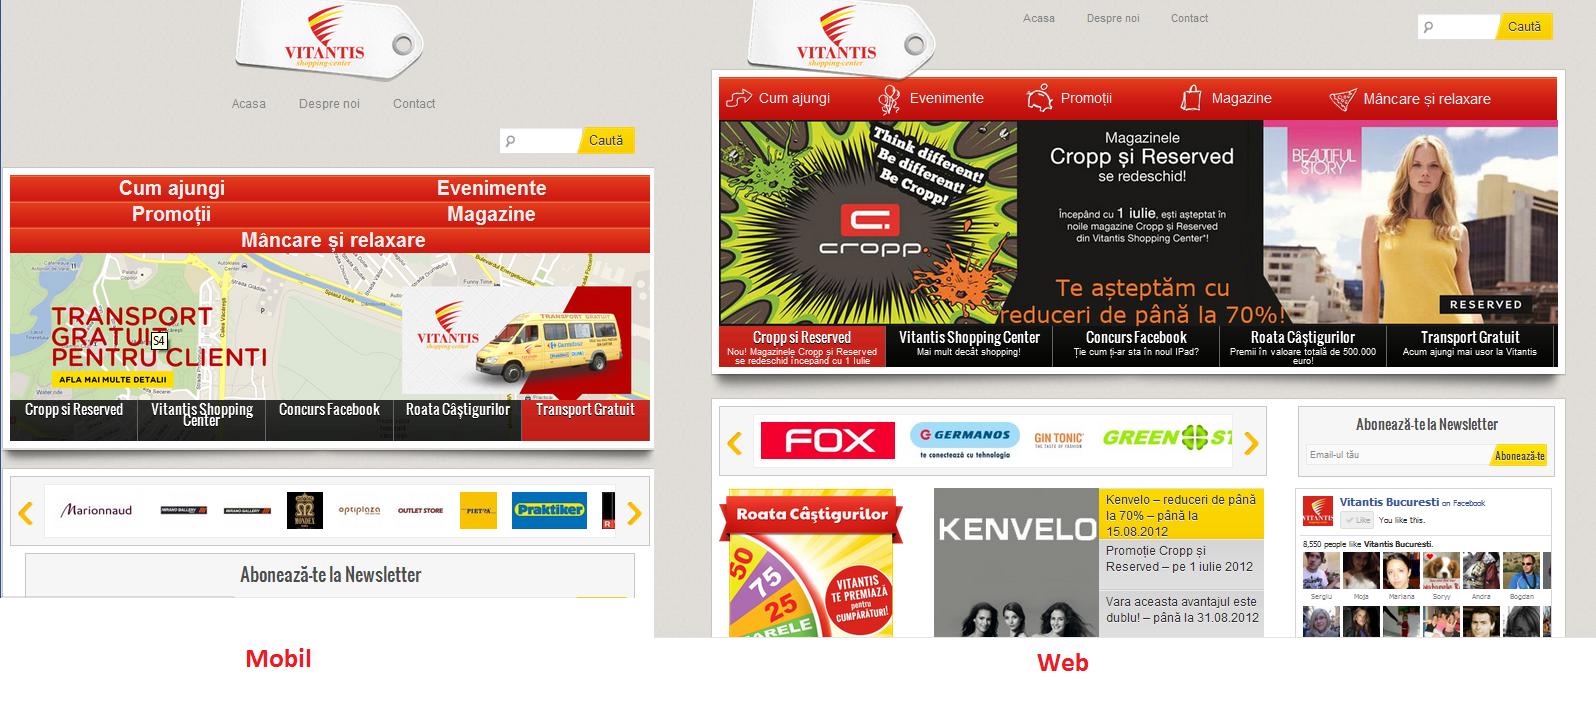 Responsive web în România – Vitantis.ro